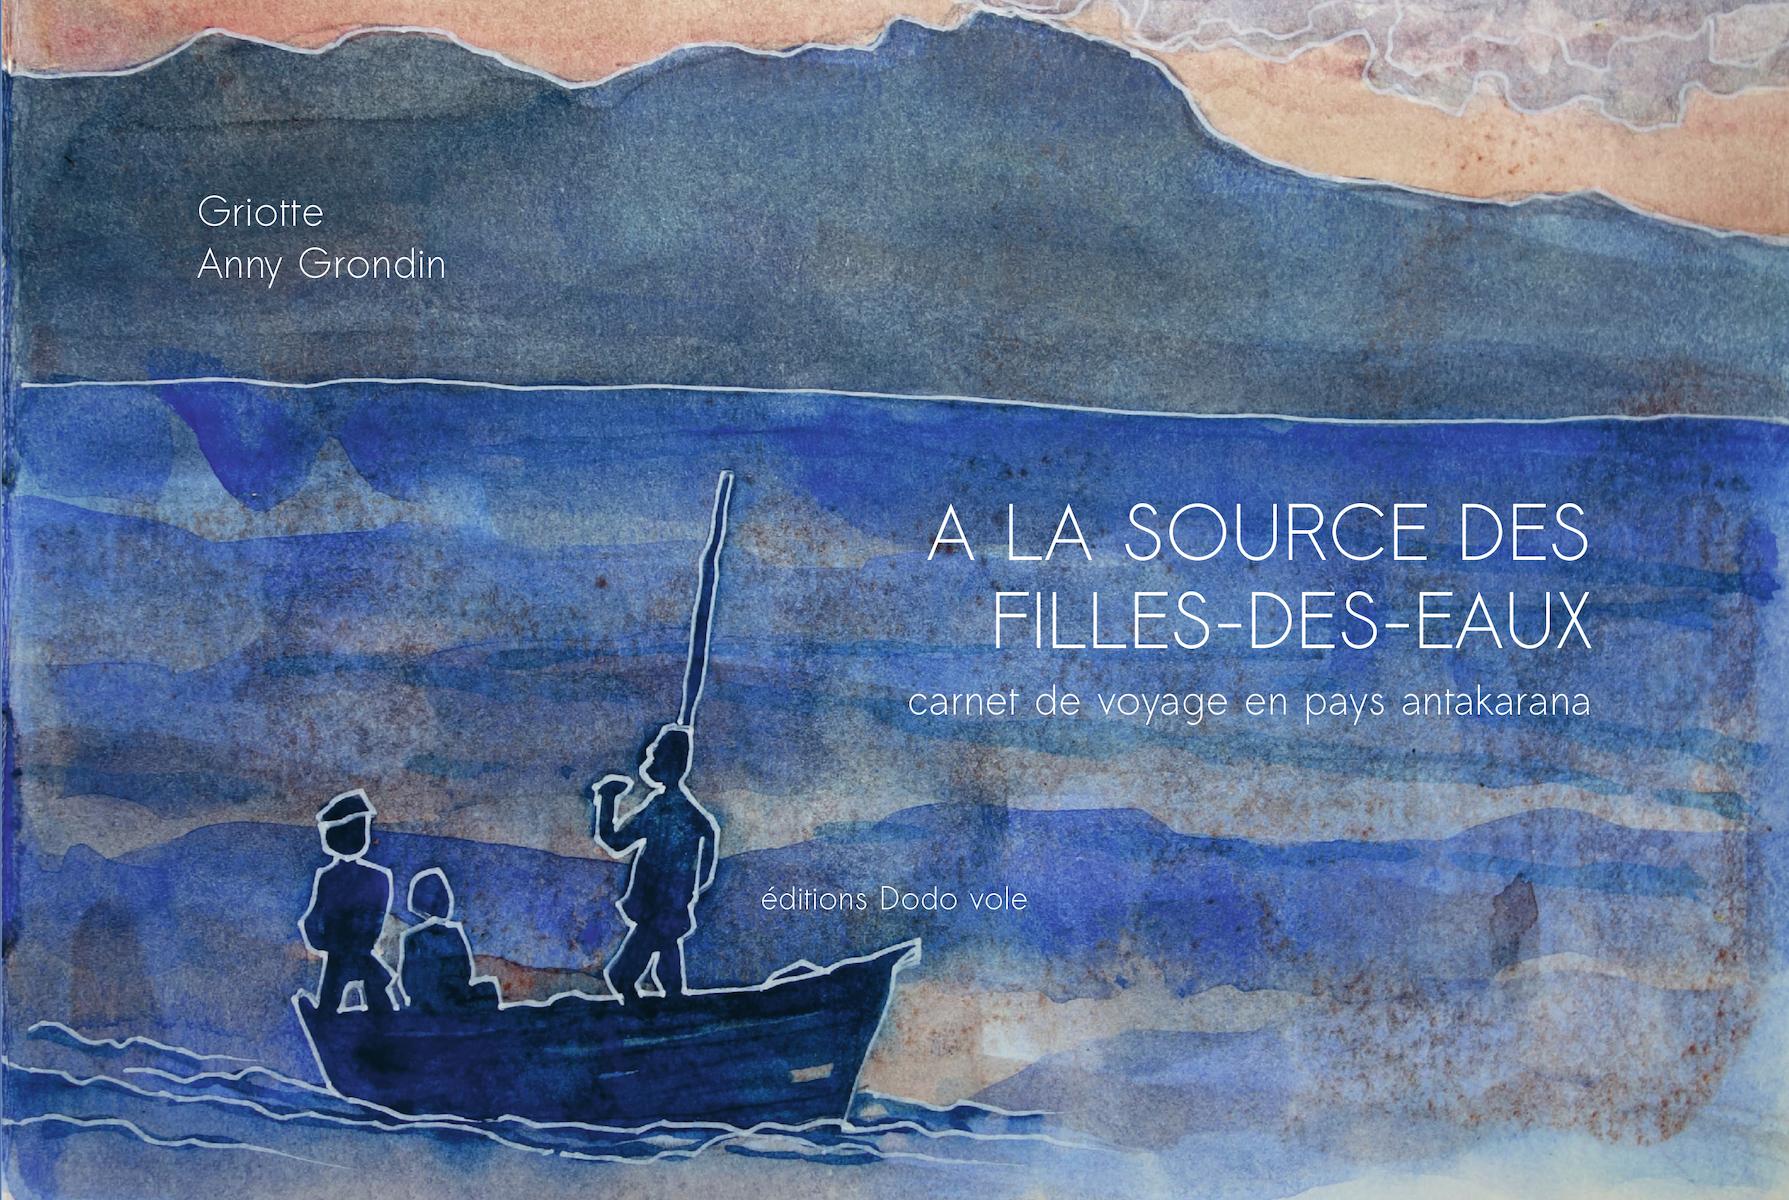 À la source des filles-des-eaux – Carnet de voyage en pays antakarana